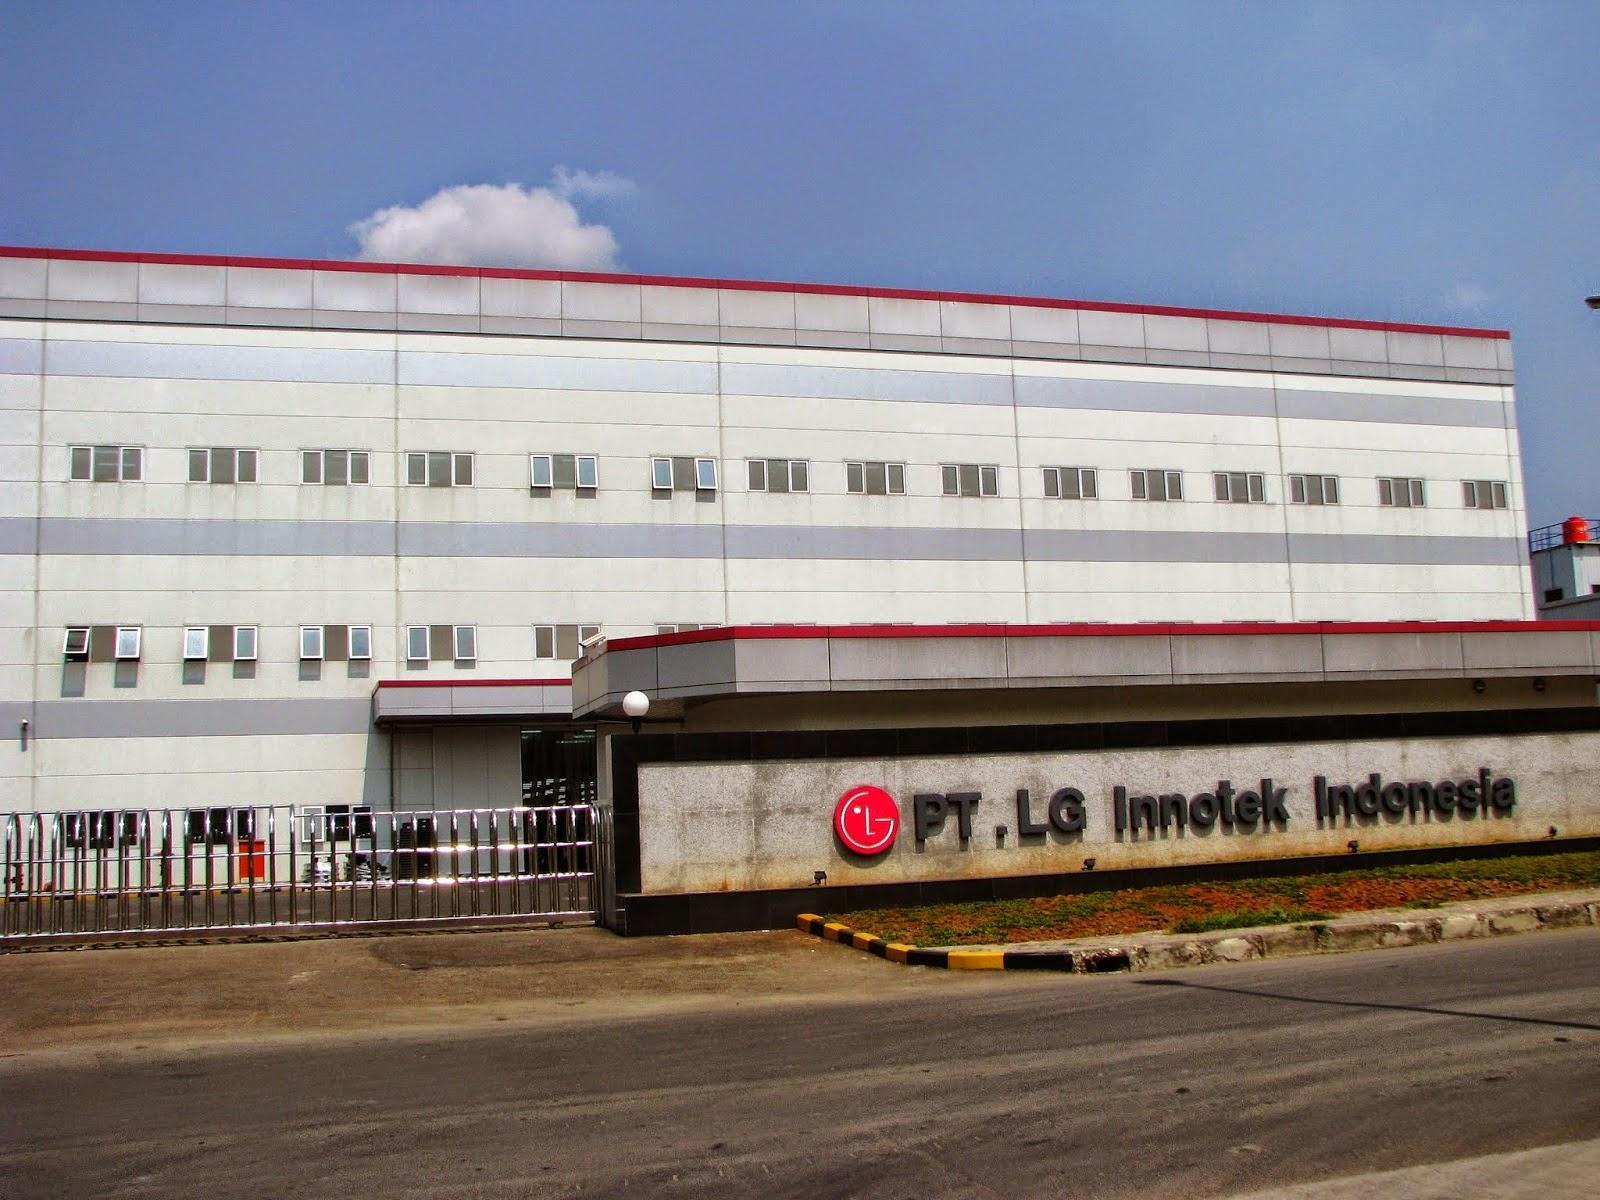 Lowongan Kerja PT LG Innotek Indonesia 2015